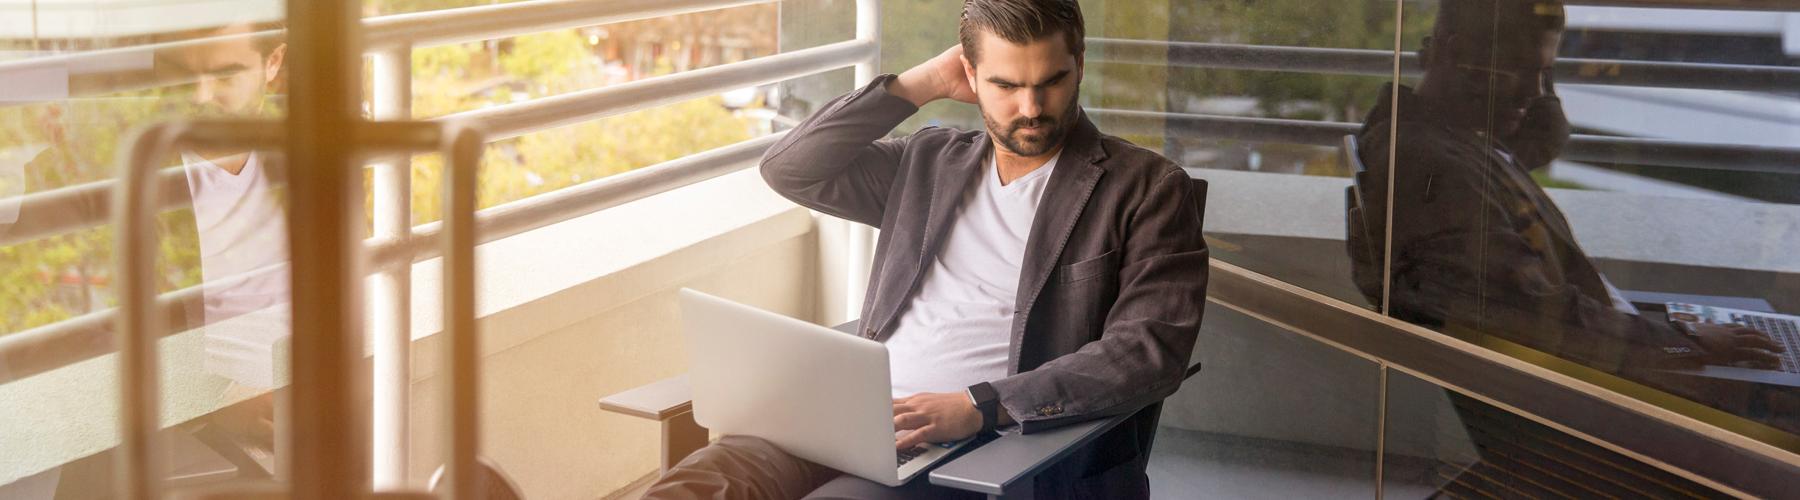 5 conseils marketing pour les gérants de PME et TPE